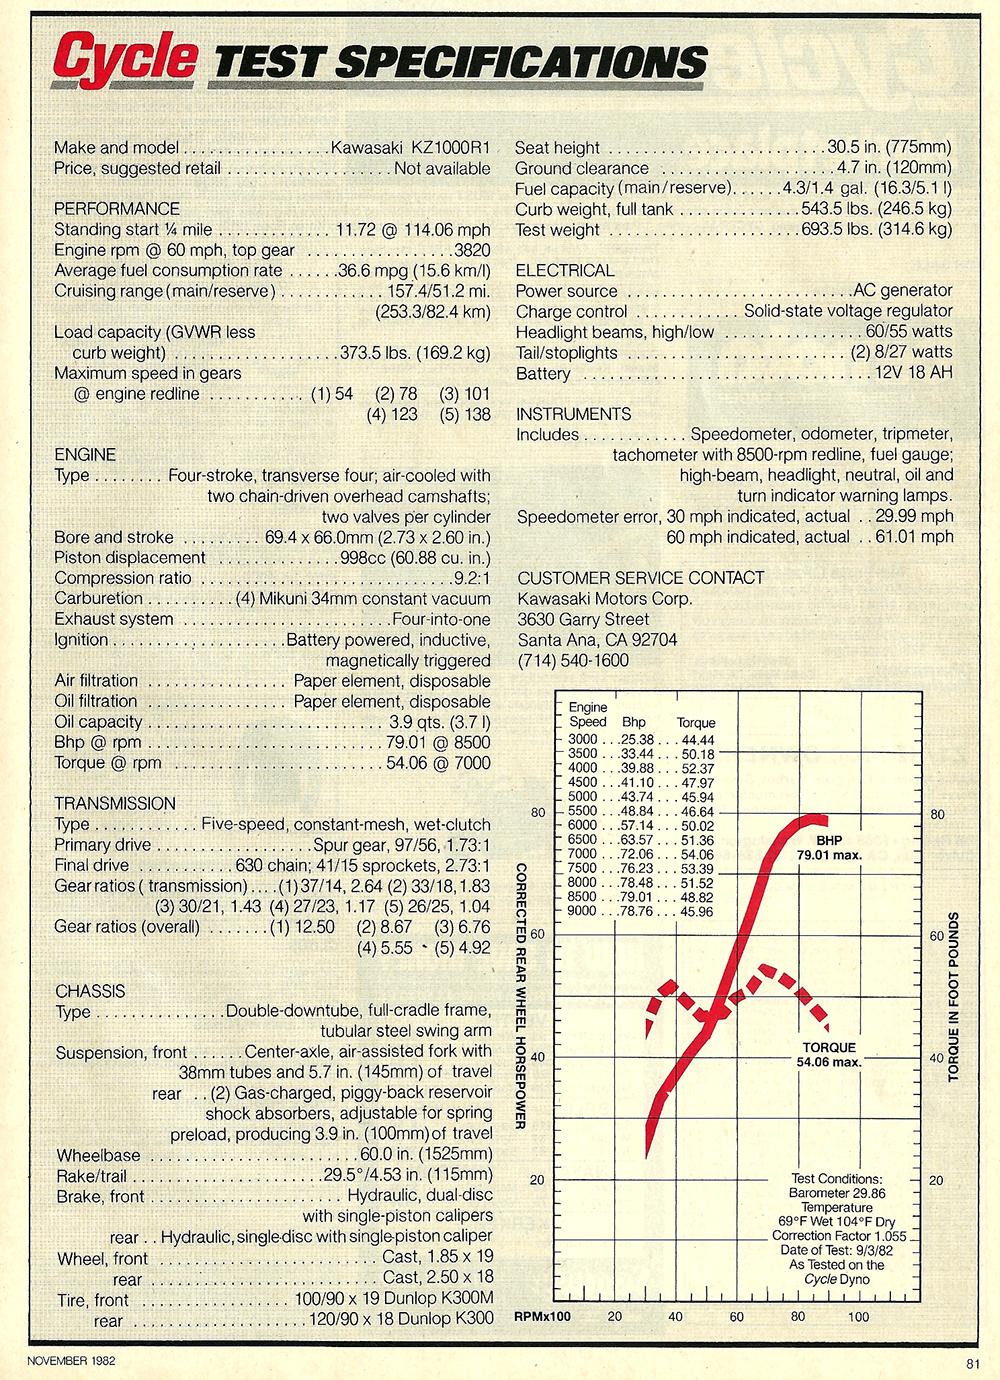 1982 Kawasaki KZ1000R road test 6.jpg